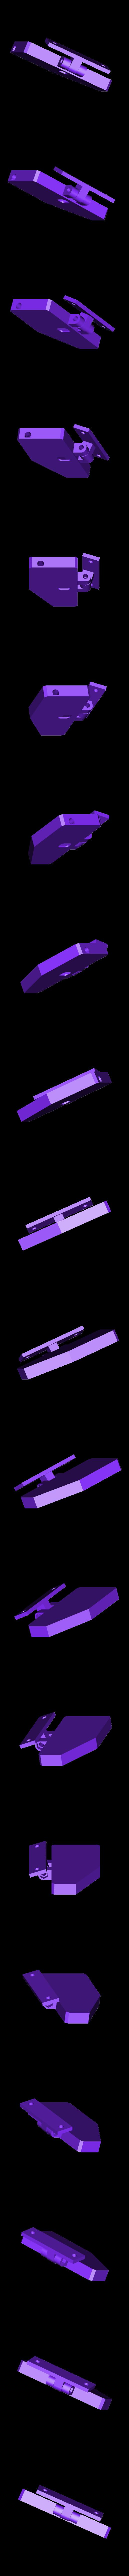 preview.stl Télécharger fichier STL gratuit Caméra avant XYZ DaVinci • Modèle à imprimer en 3D, indigo4